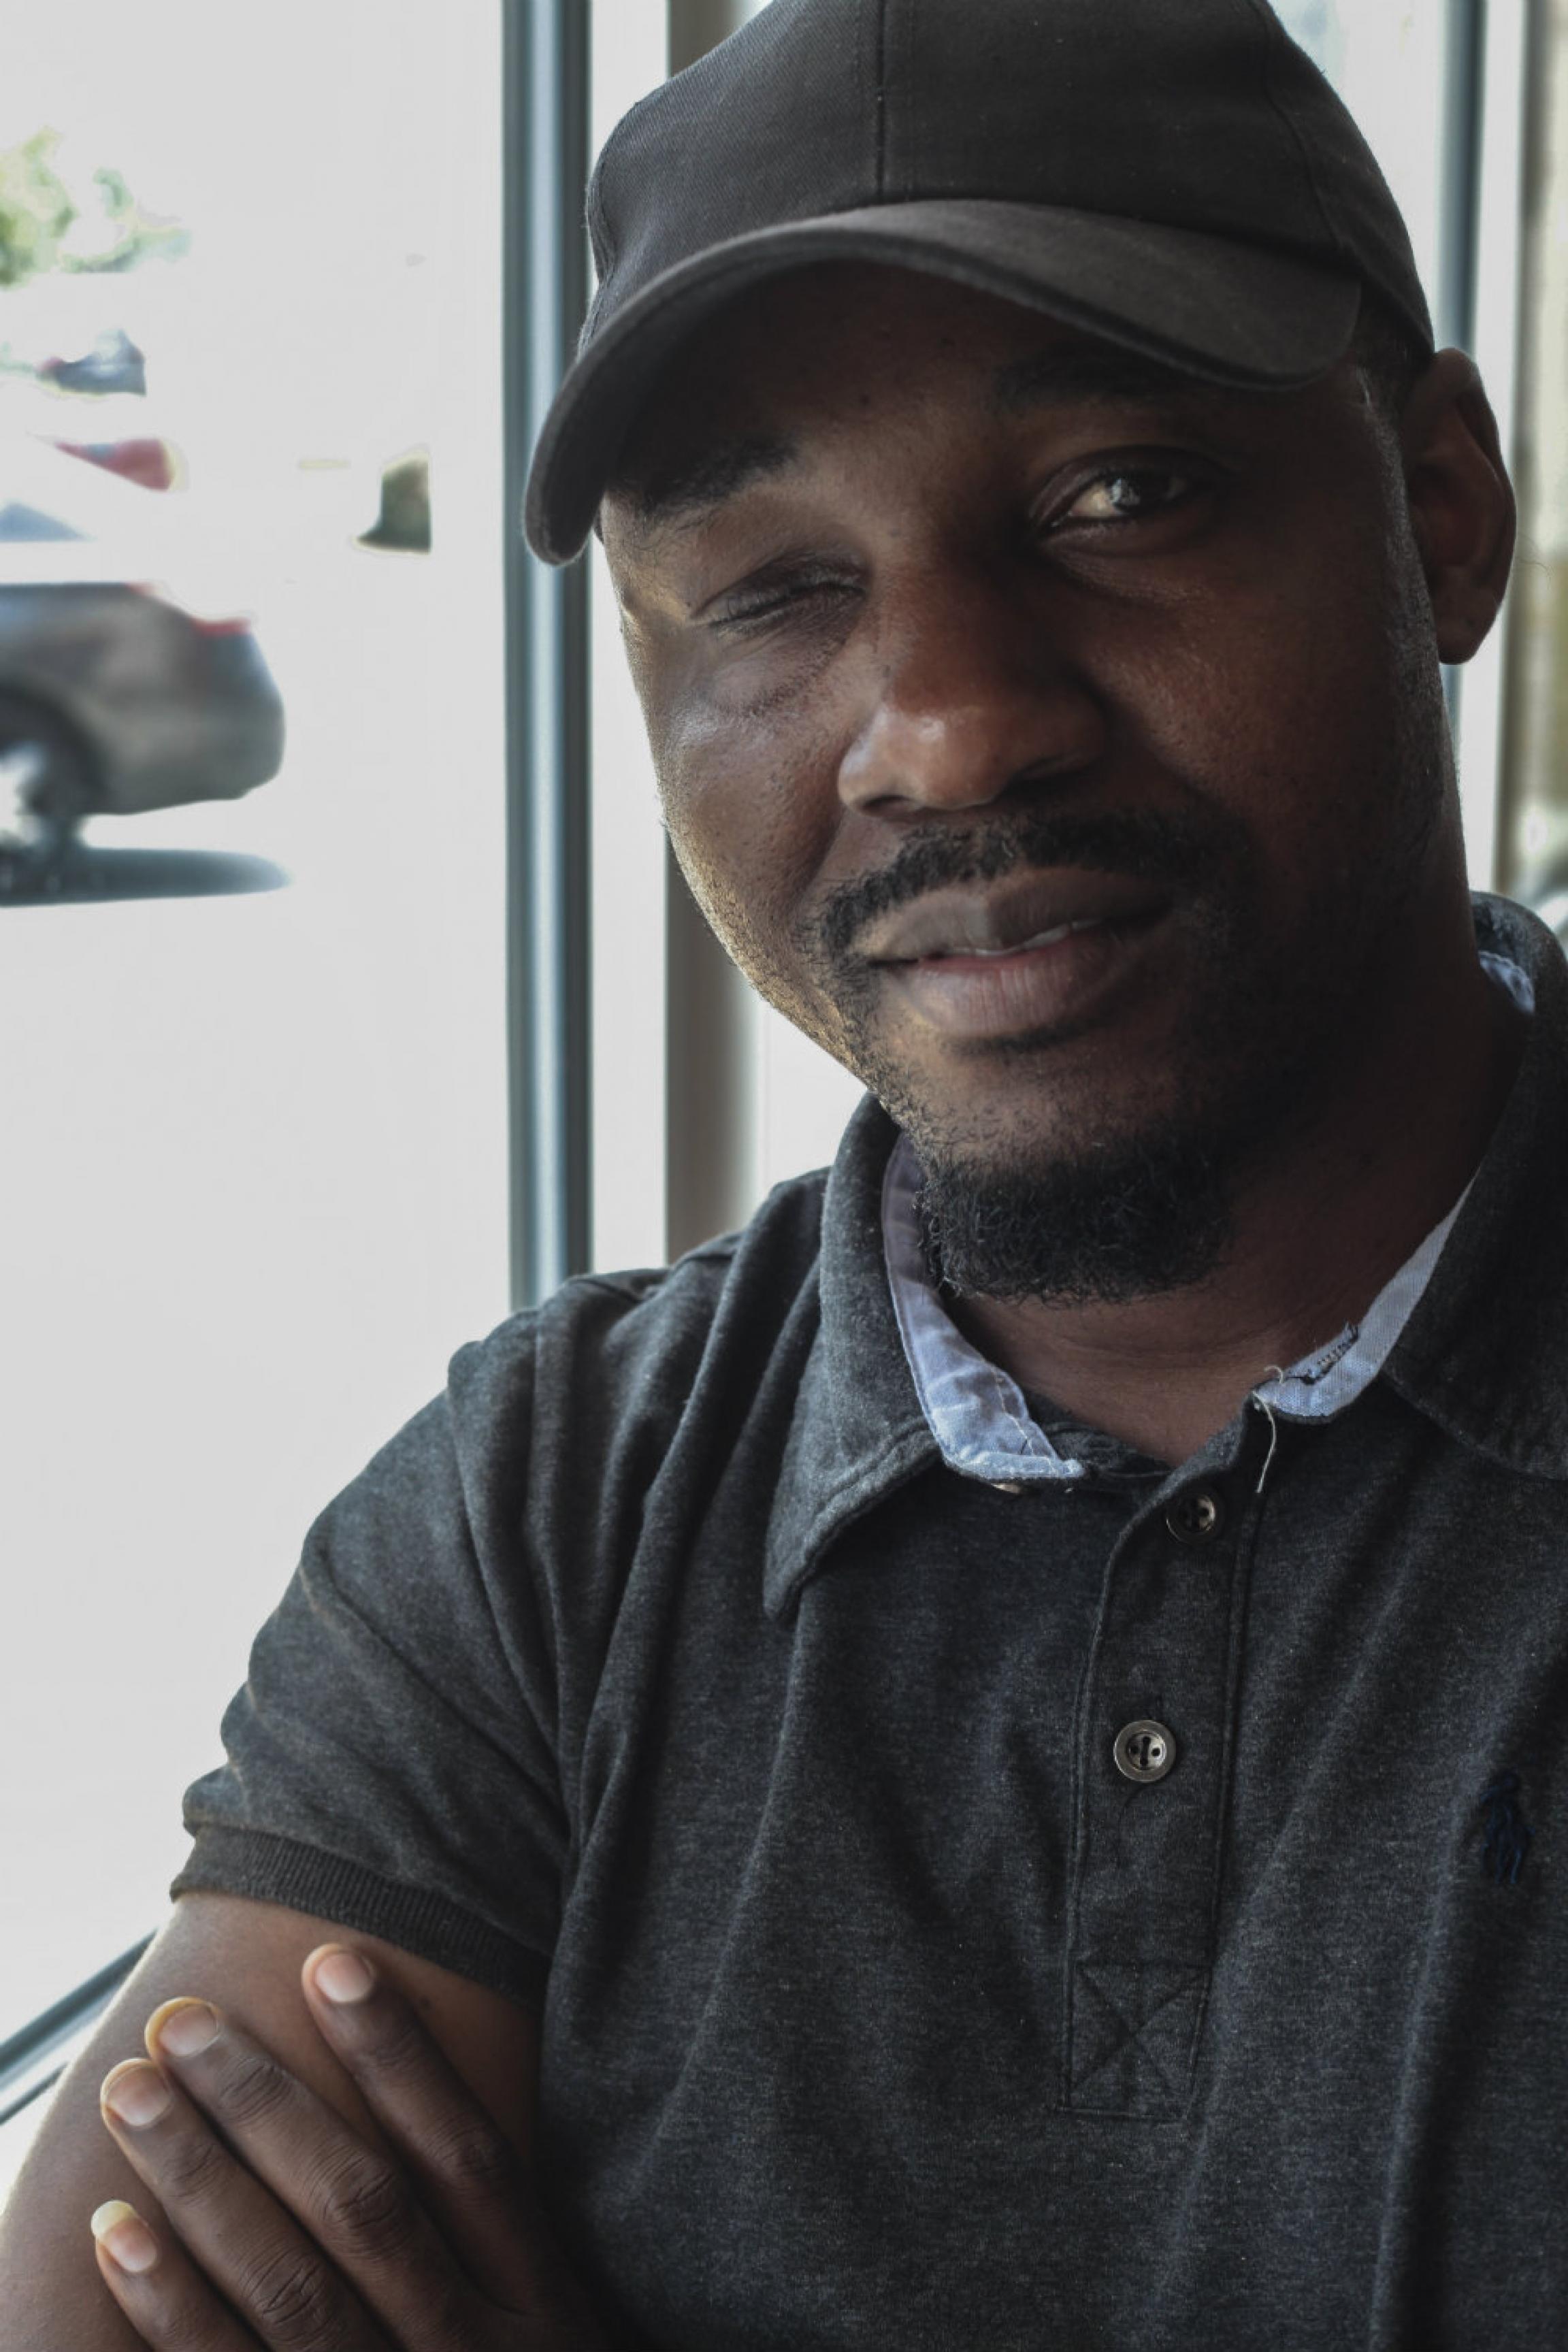 A man smiles at the camera.